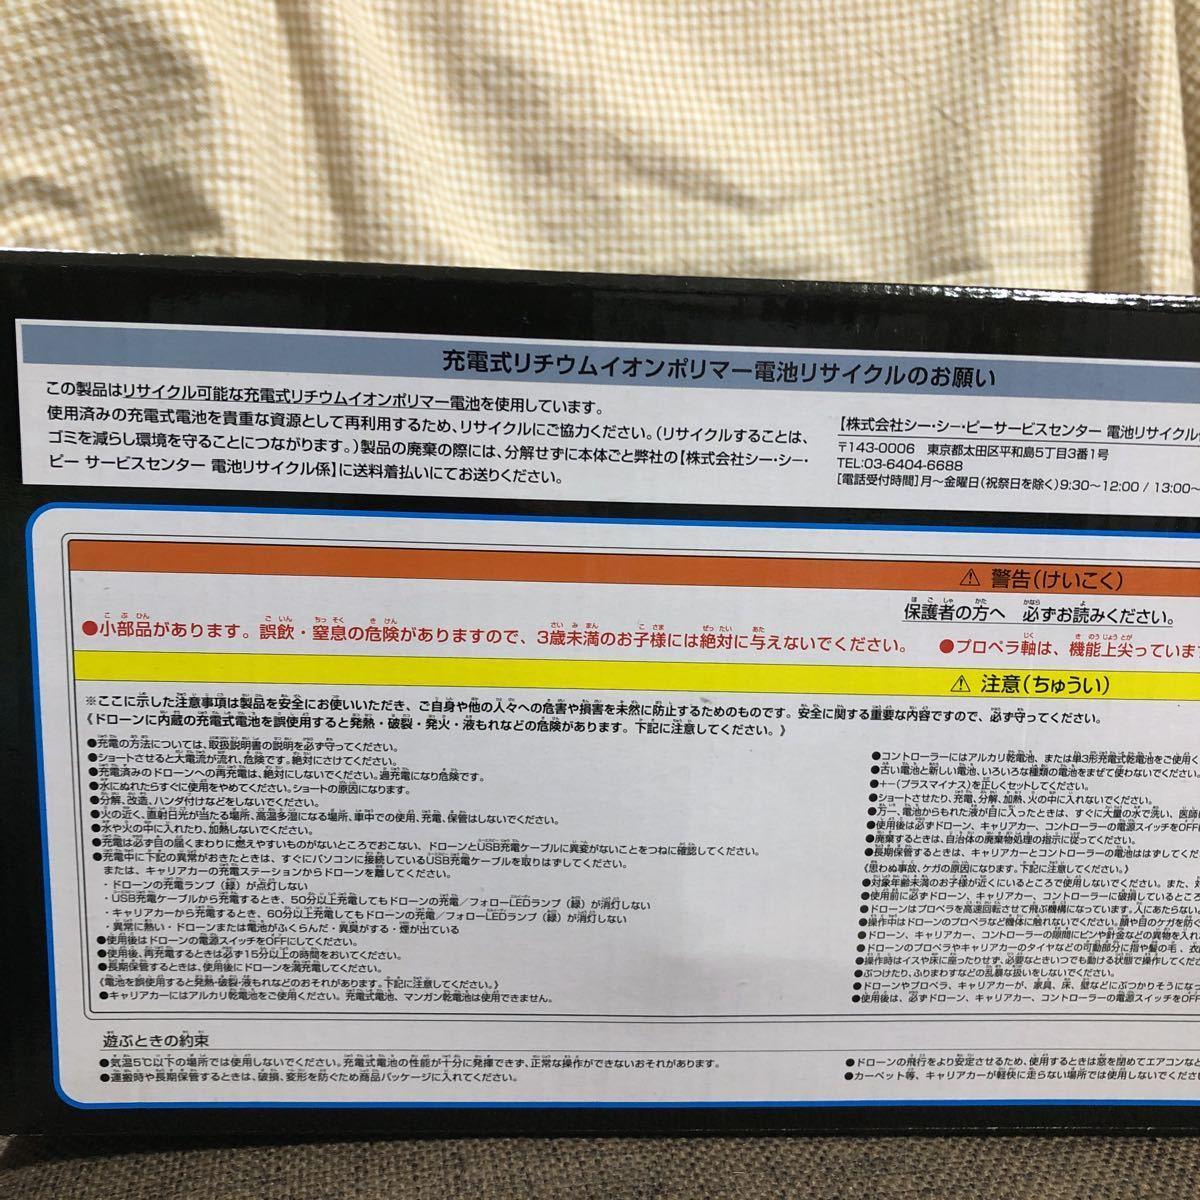 未開封 ドローン ラジオコントロール テトラルキャリーアー おもちゃ 玩具 新技術 自動追尾センサー搭載 CCP